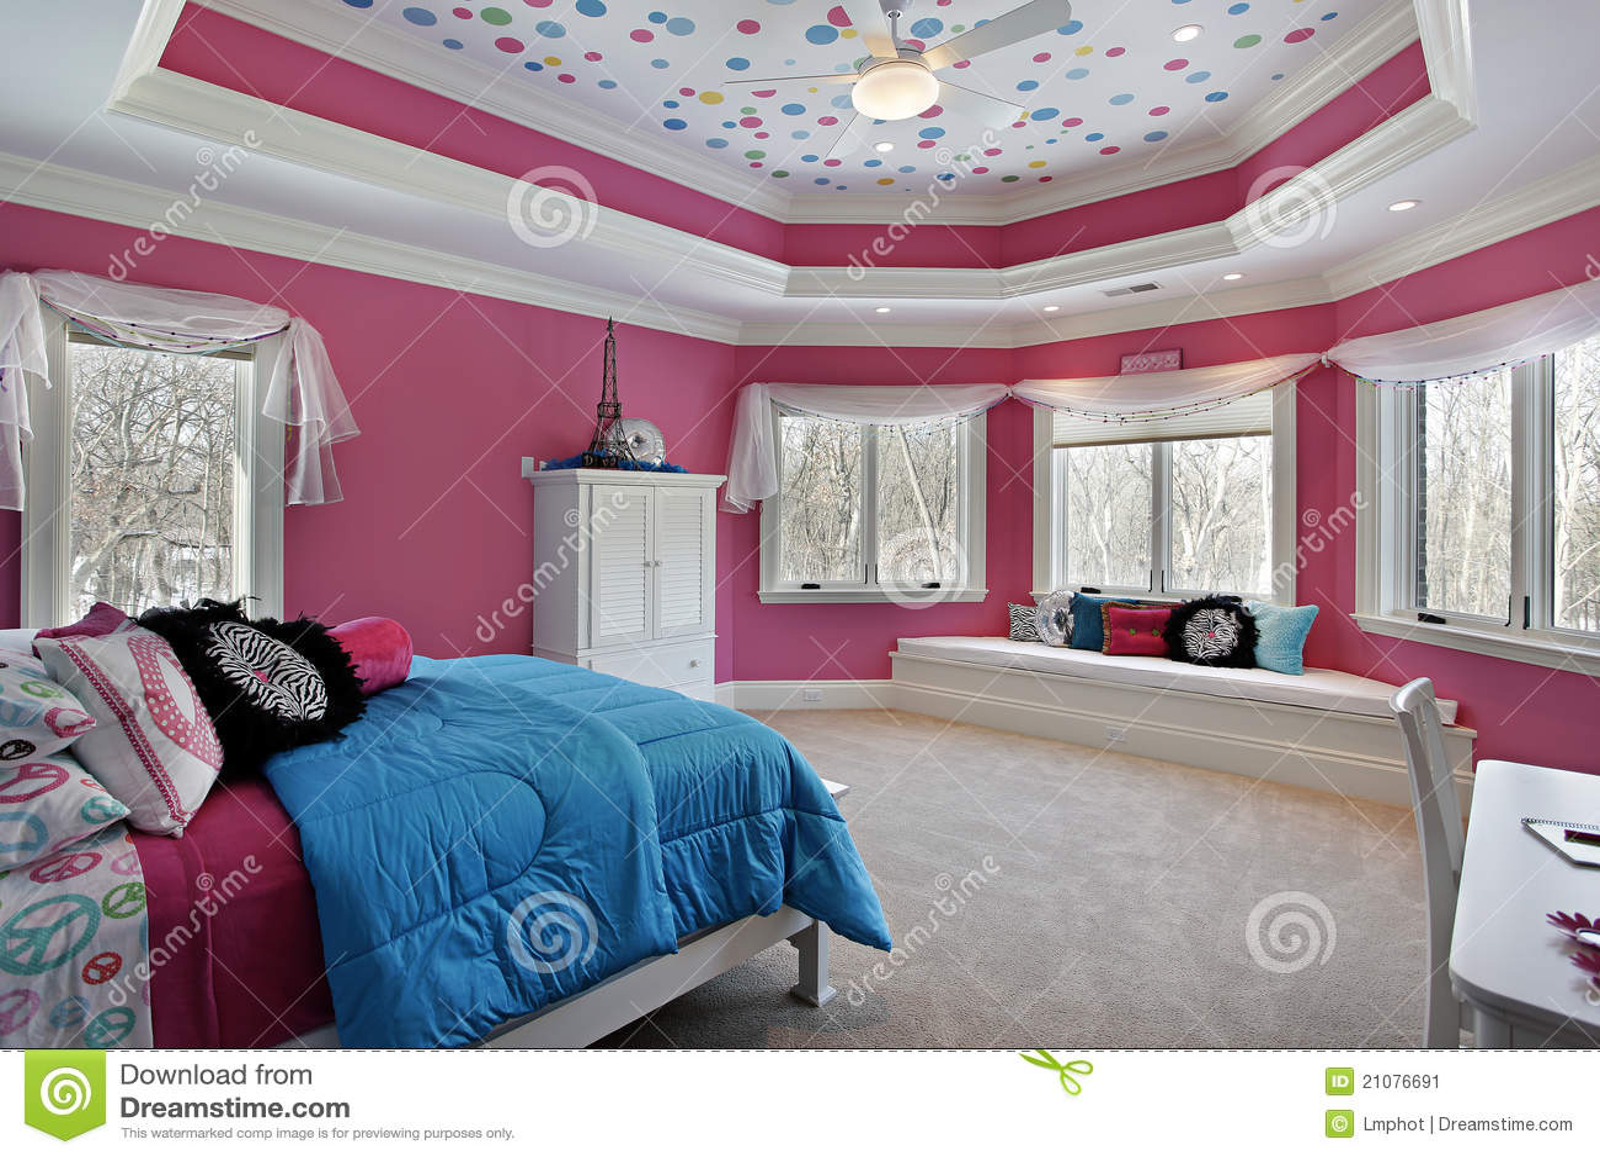 Slaapkamer lamp roze beste ideen over huis en interieur